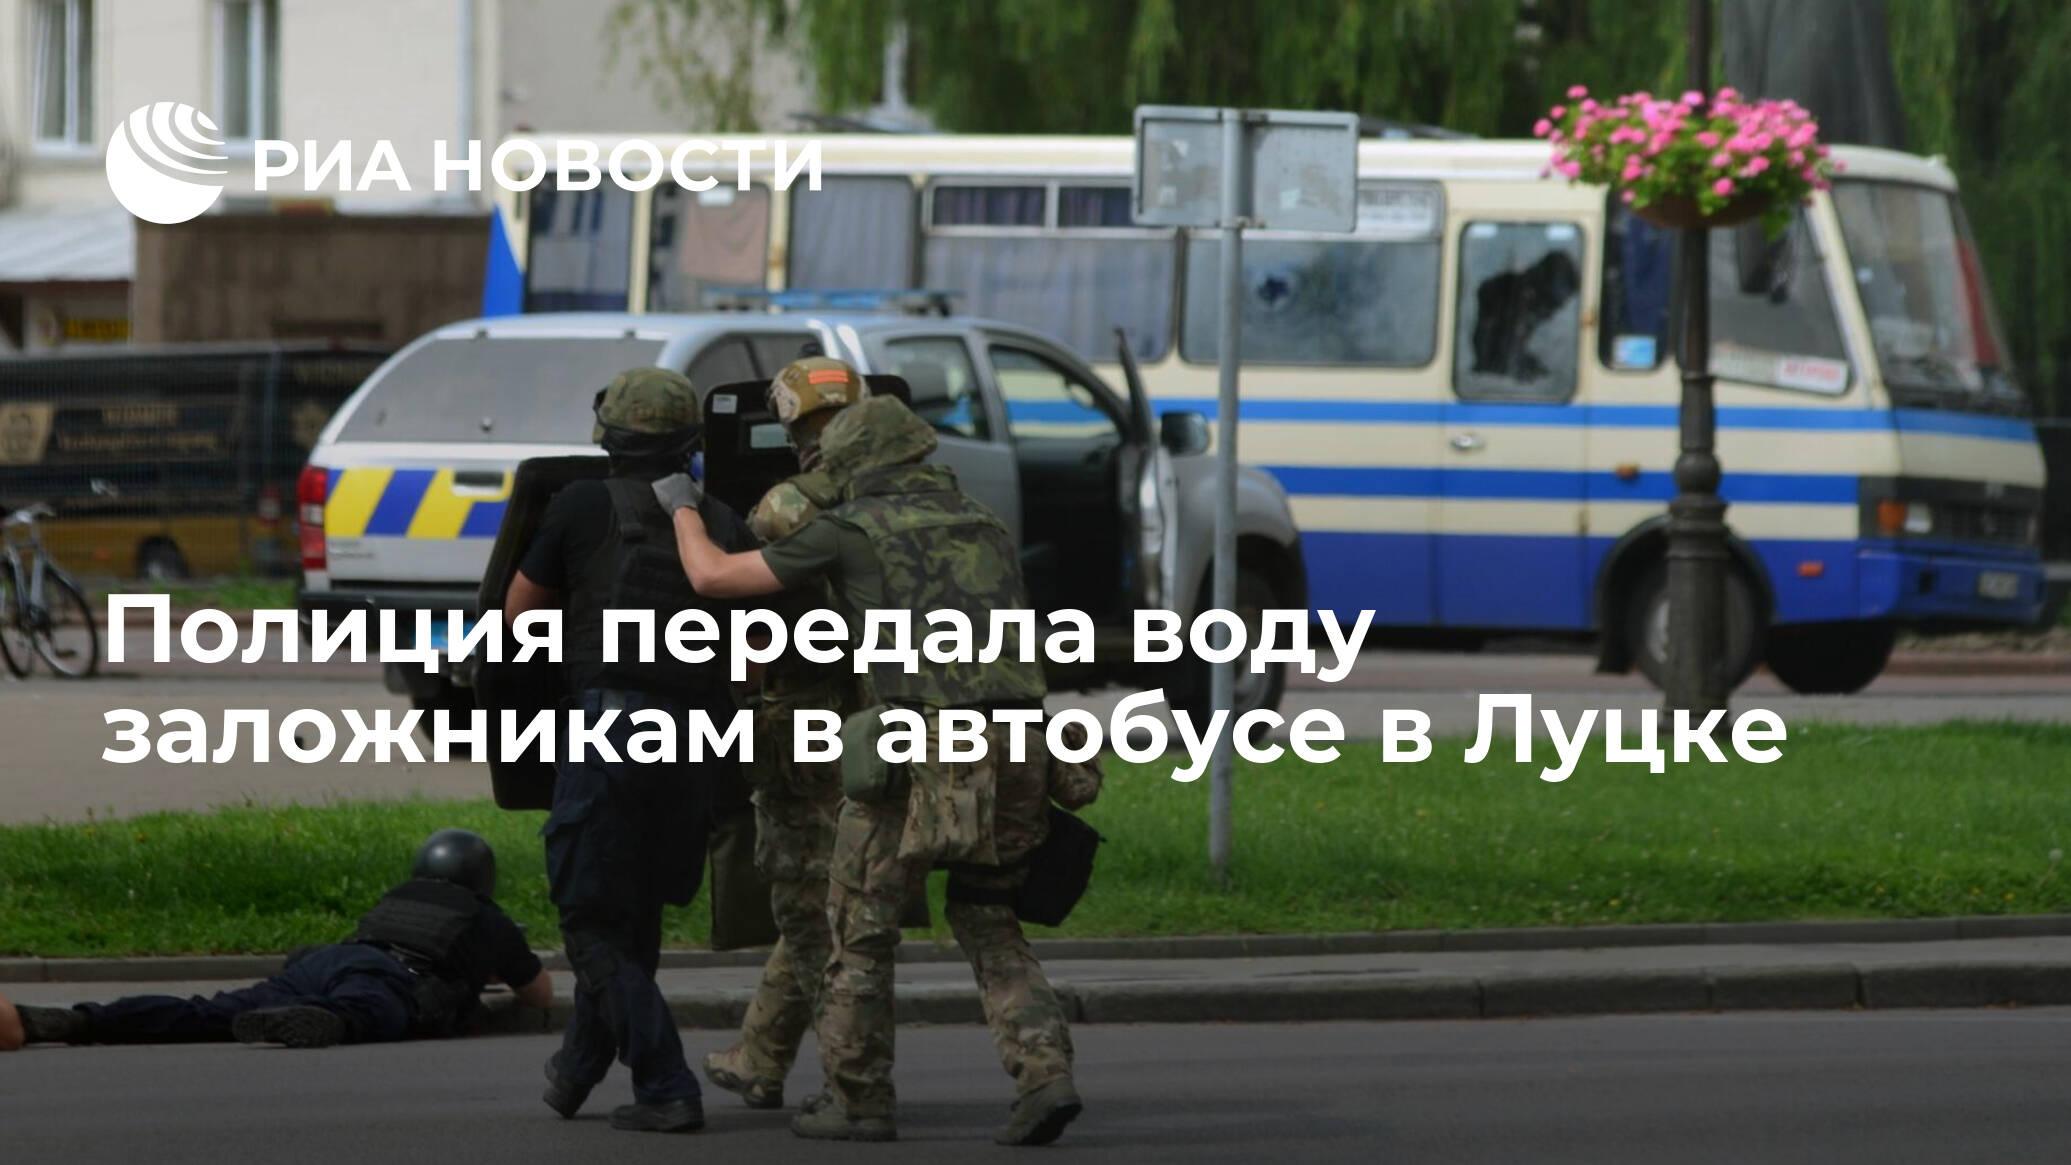 Полиция передала воду заложникам в автобусе в Луцке